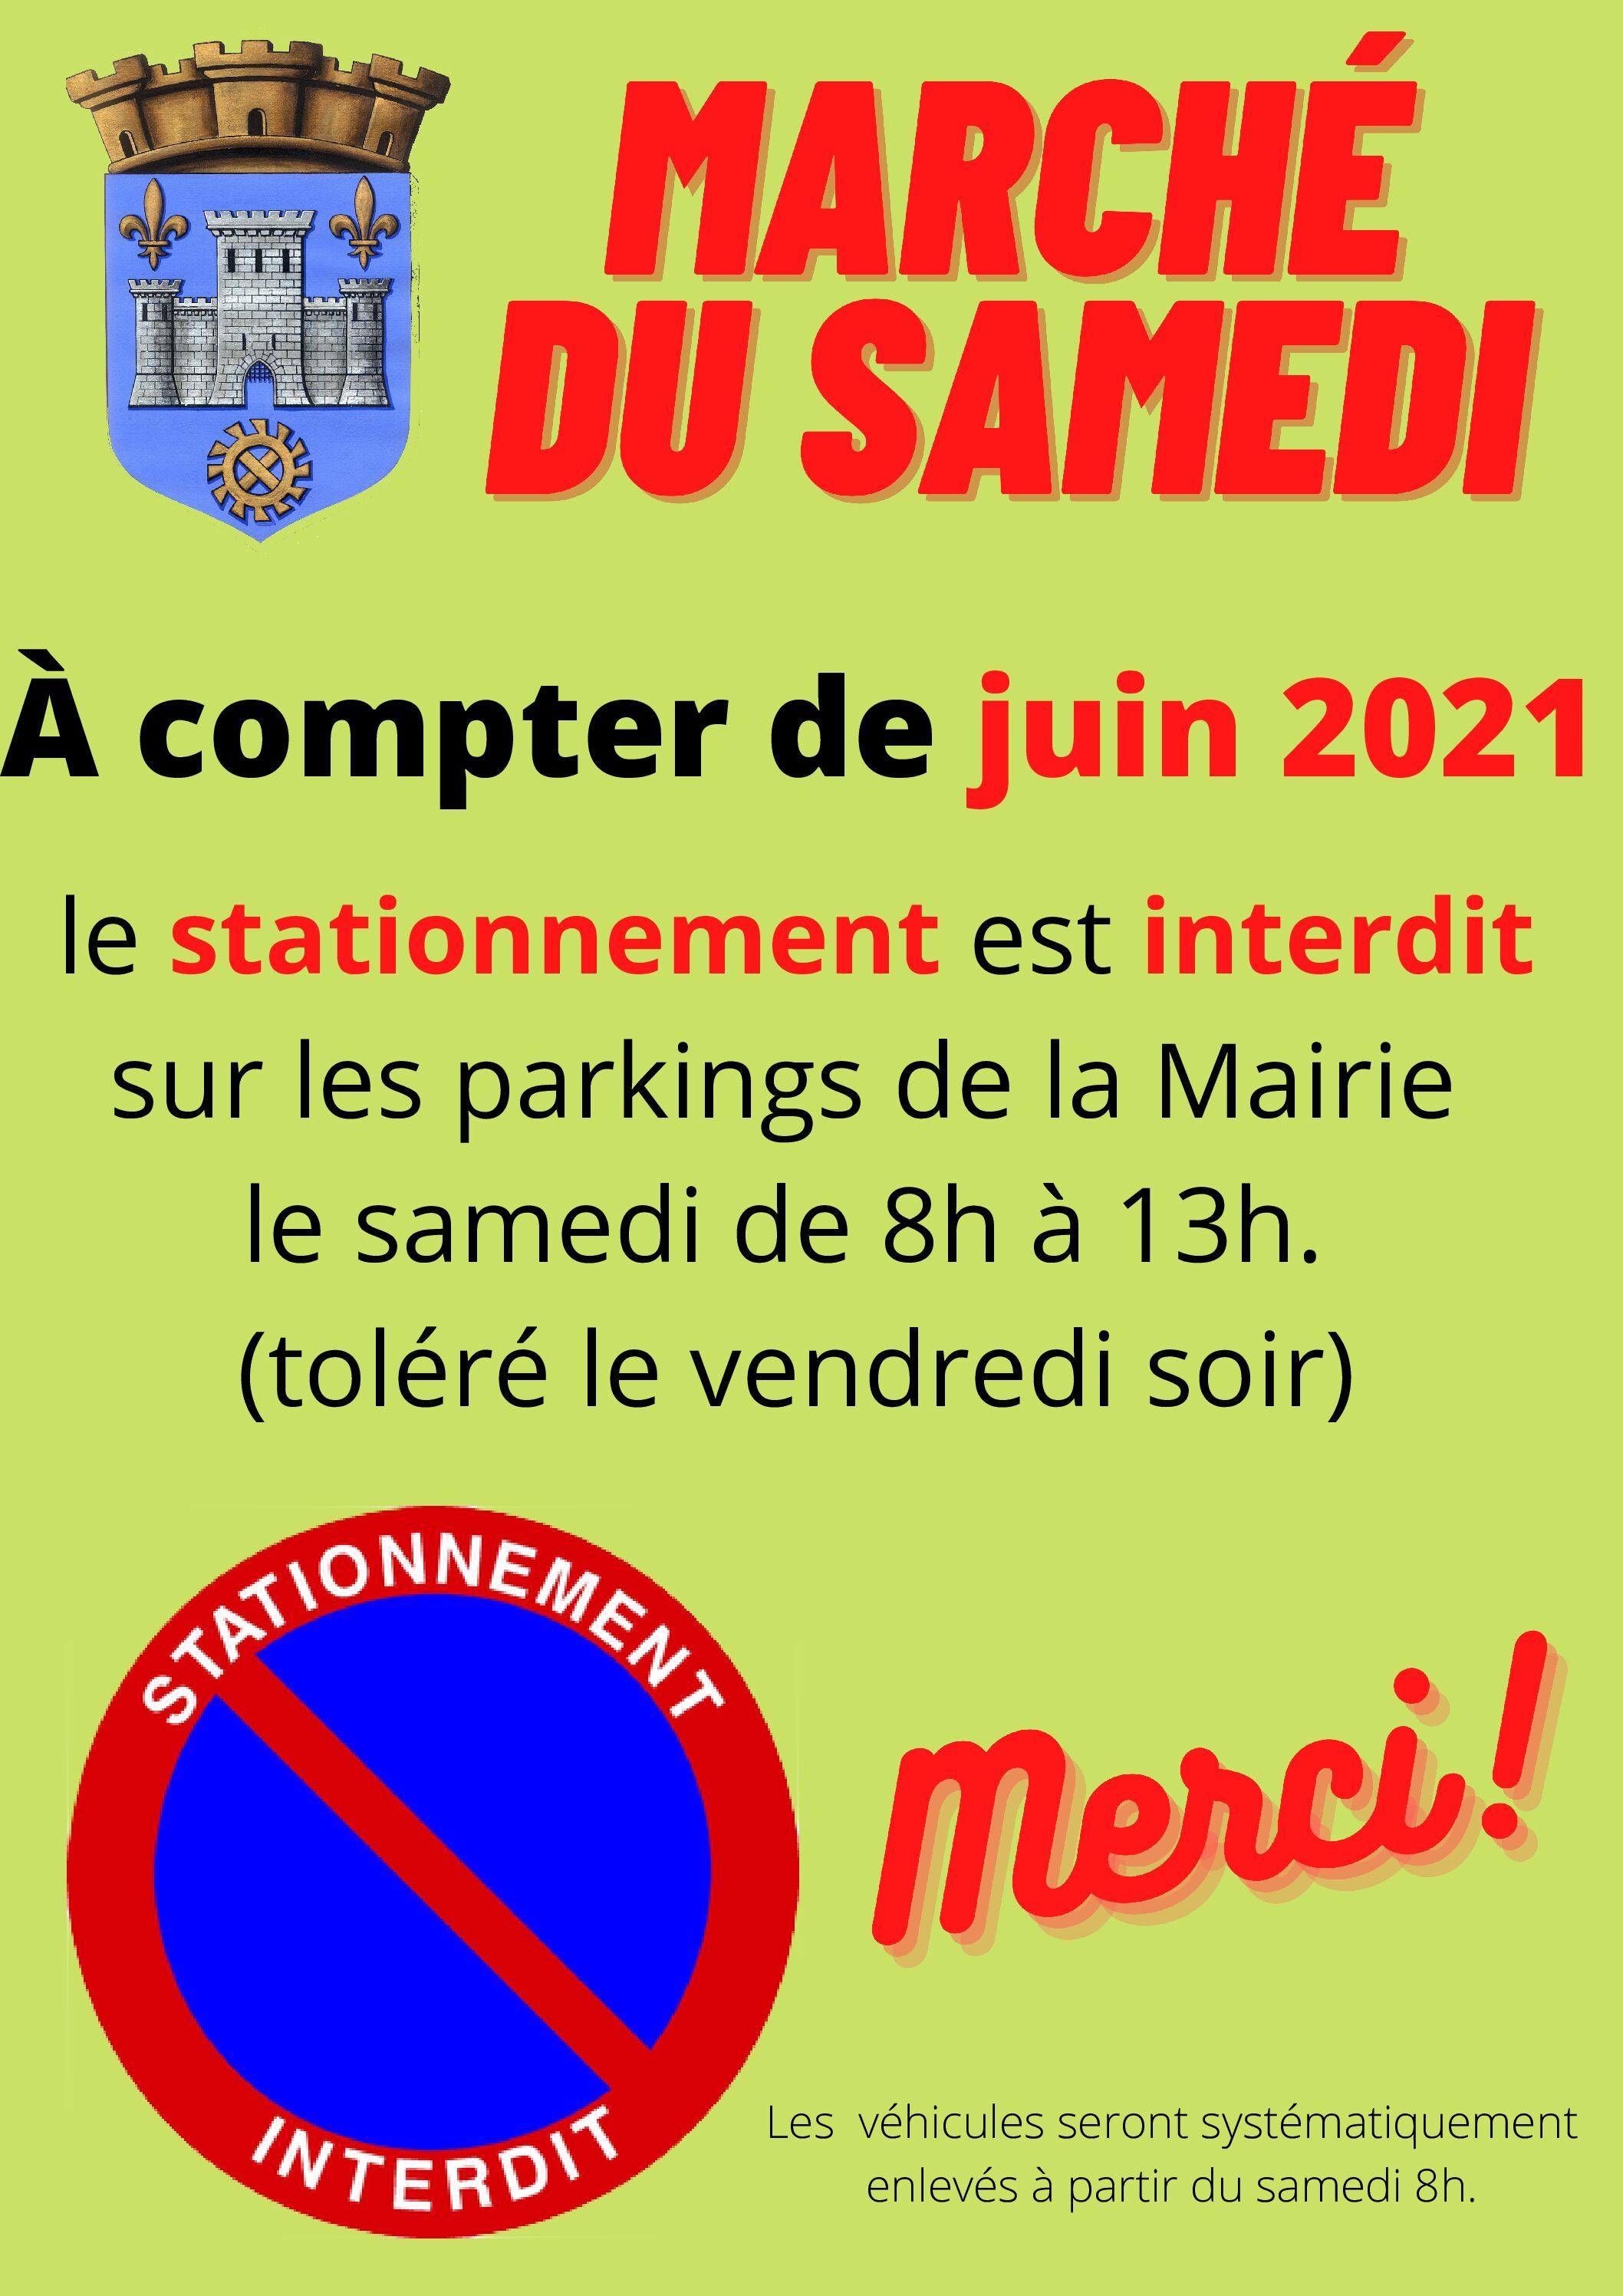 Stationnement sur les parkings de la Mairie